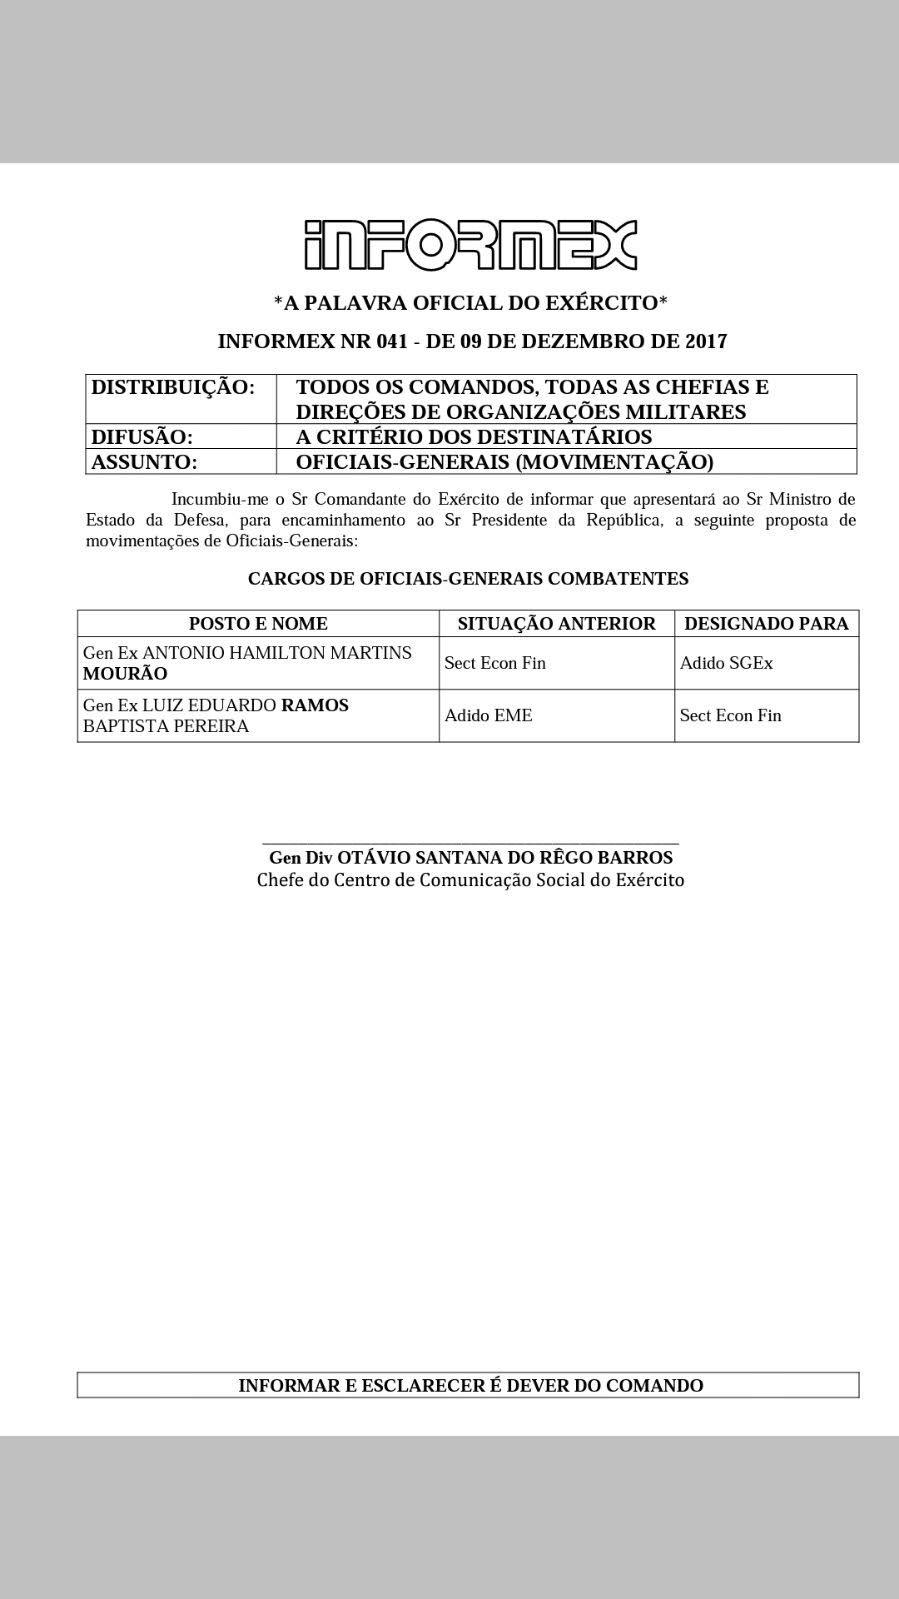 a266e13106b GENERAL MOURÃO É AFASTADO DE CARGO NO EXÉRCITO - O Antagonista